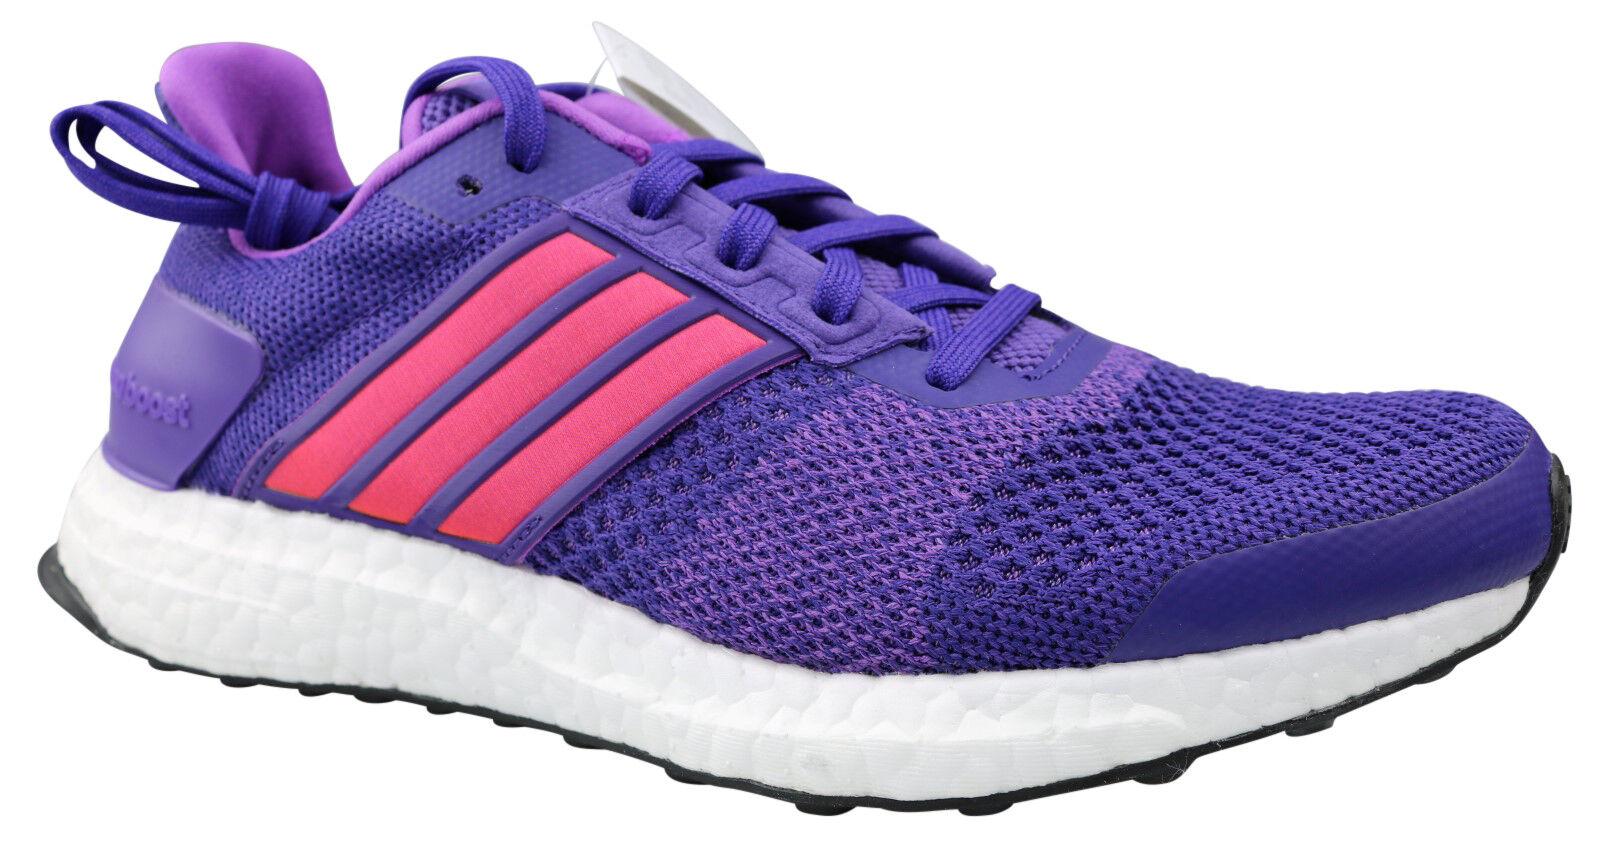 Adidas ultra Boost St aq4430 W cortos señora zapatillas aq4430 St GR 36,5  44 nuevo embalaje original & 8a5760